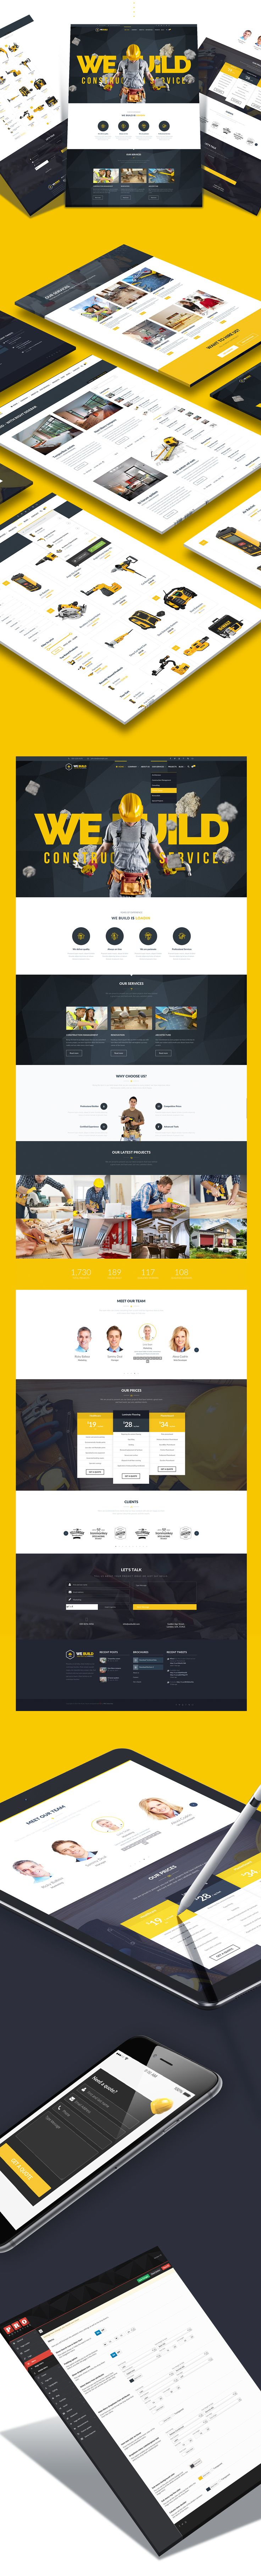 We Build - Construction, Building Premium WP Theme on Behance